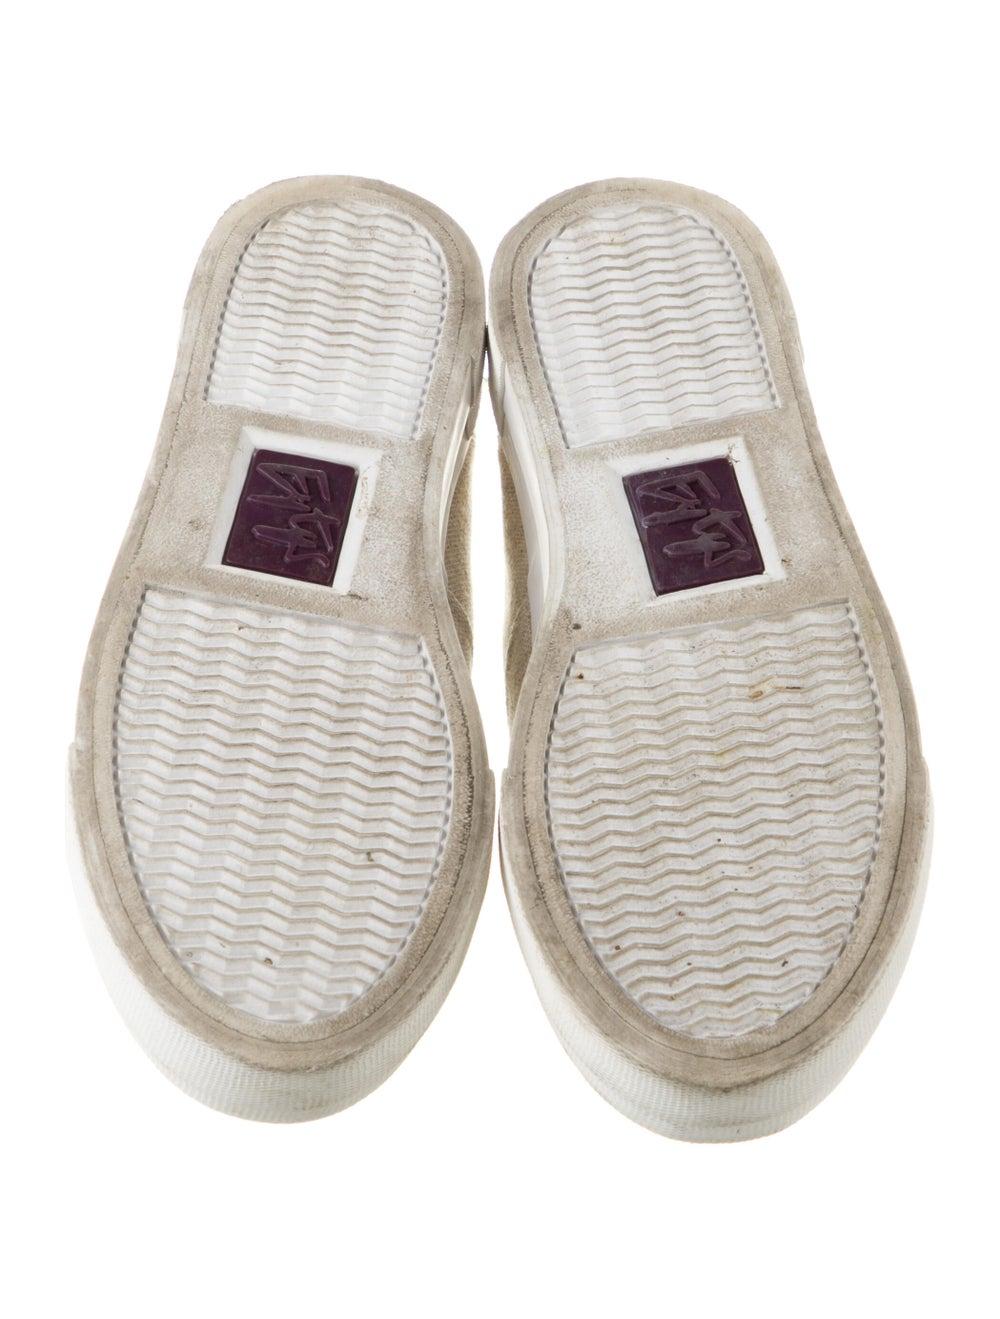 Eytys Sneakers - image 5